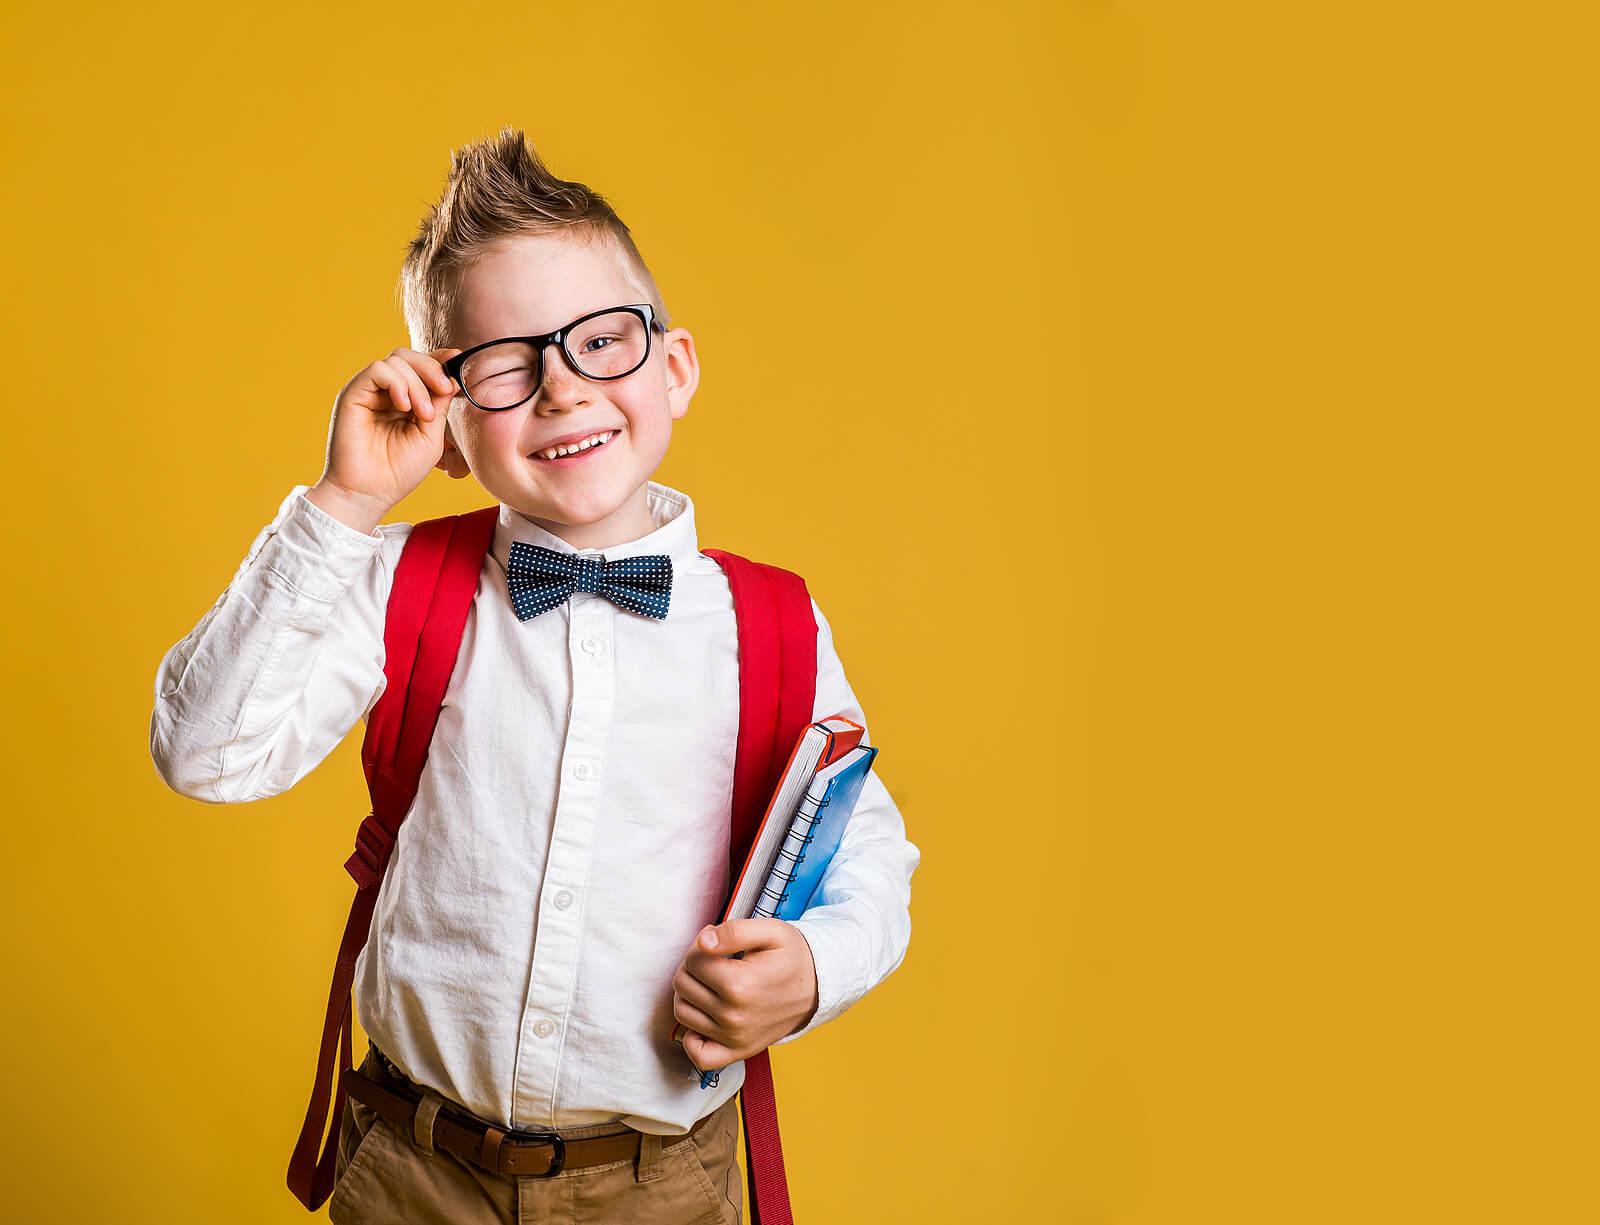 Niño genio yendo al colegio.